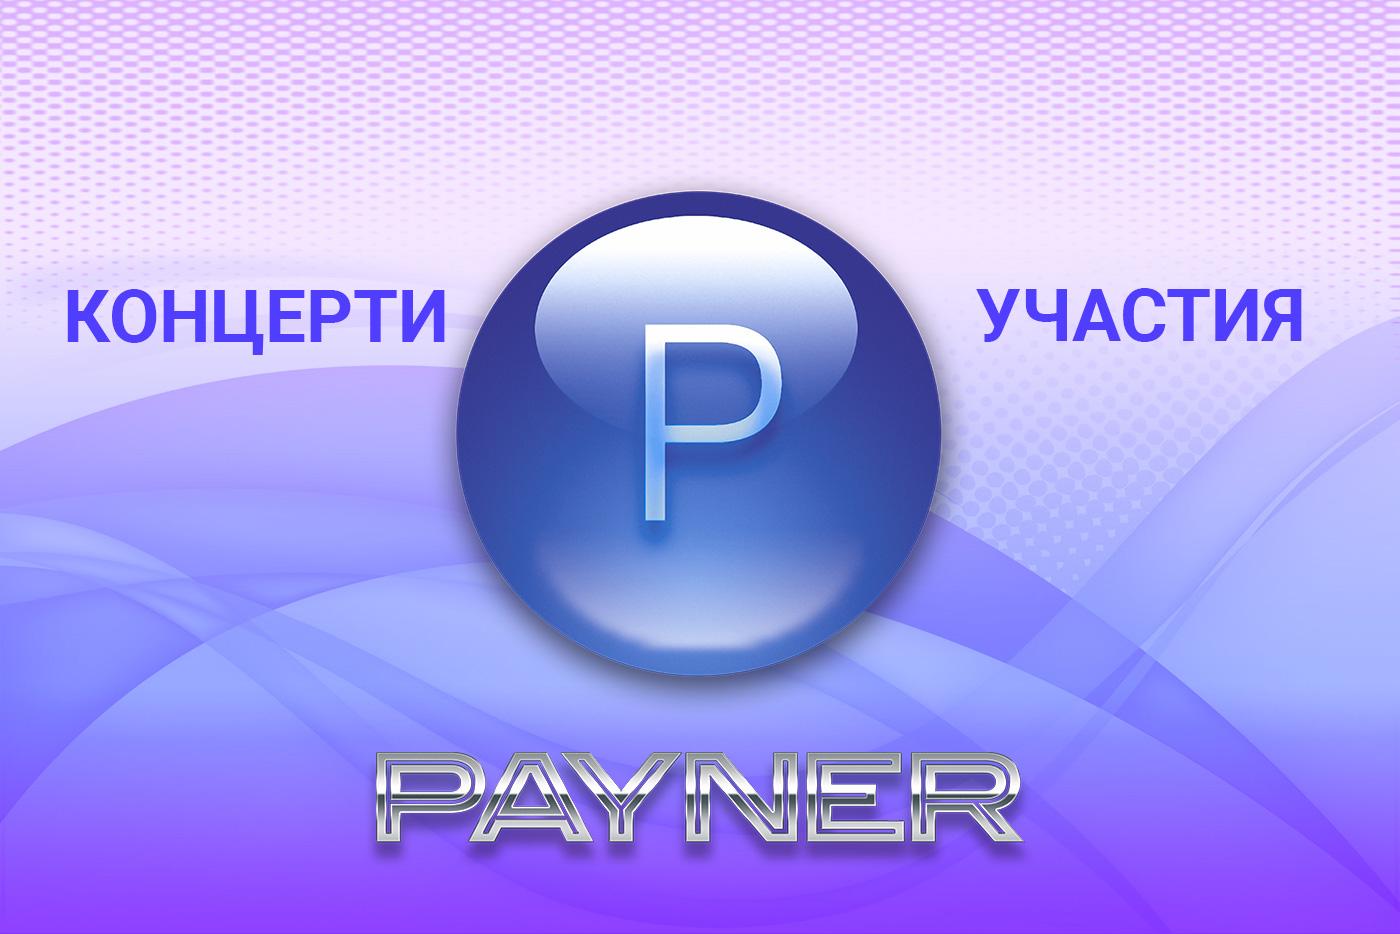 """Участия на звездите на """"Пайнер"""" на 07.08.2019"""